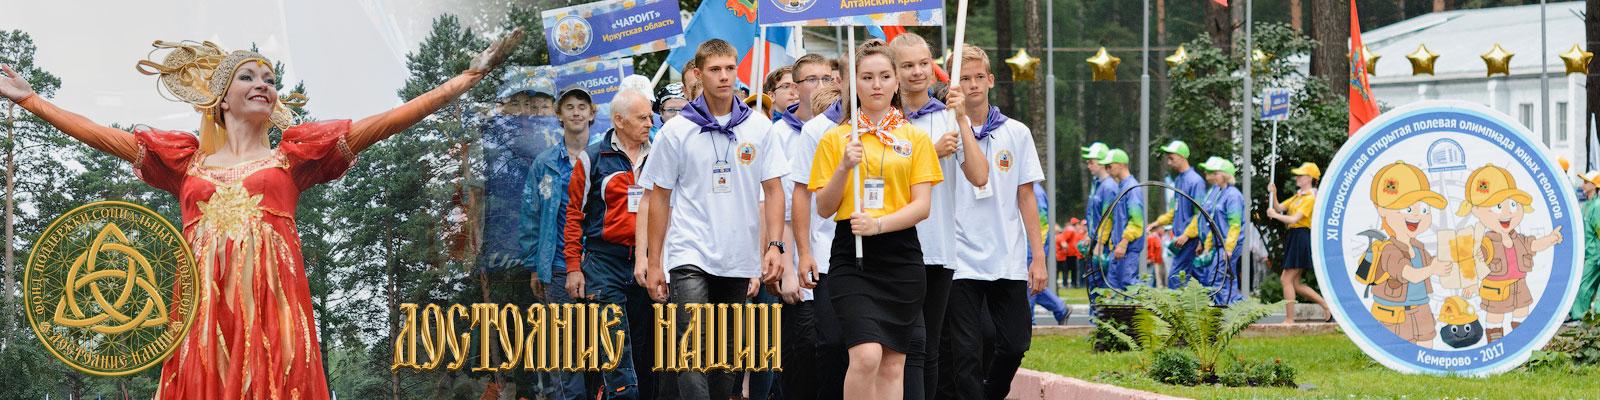 Олимпиада Юных Геологов 2017 - Кемерово. Фонд Достояние Нации.